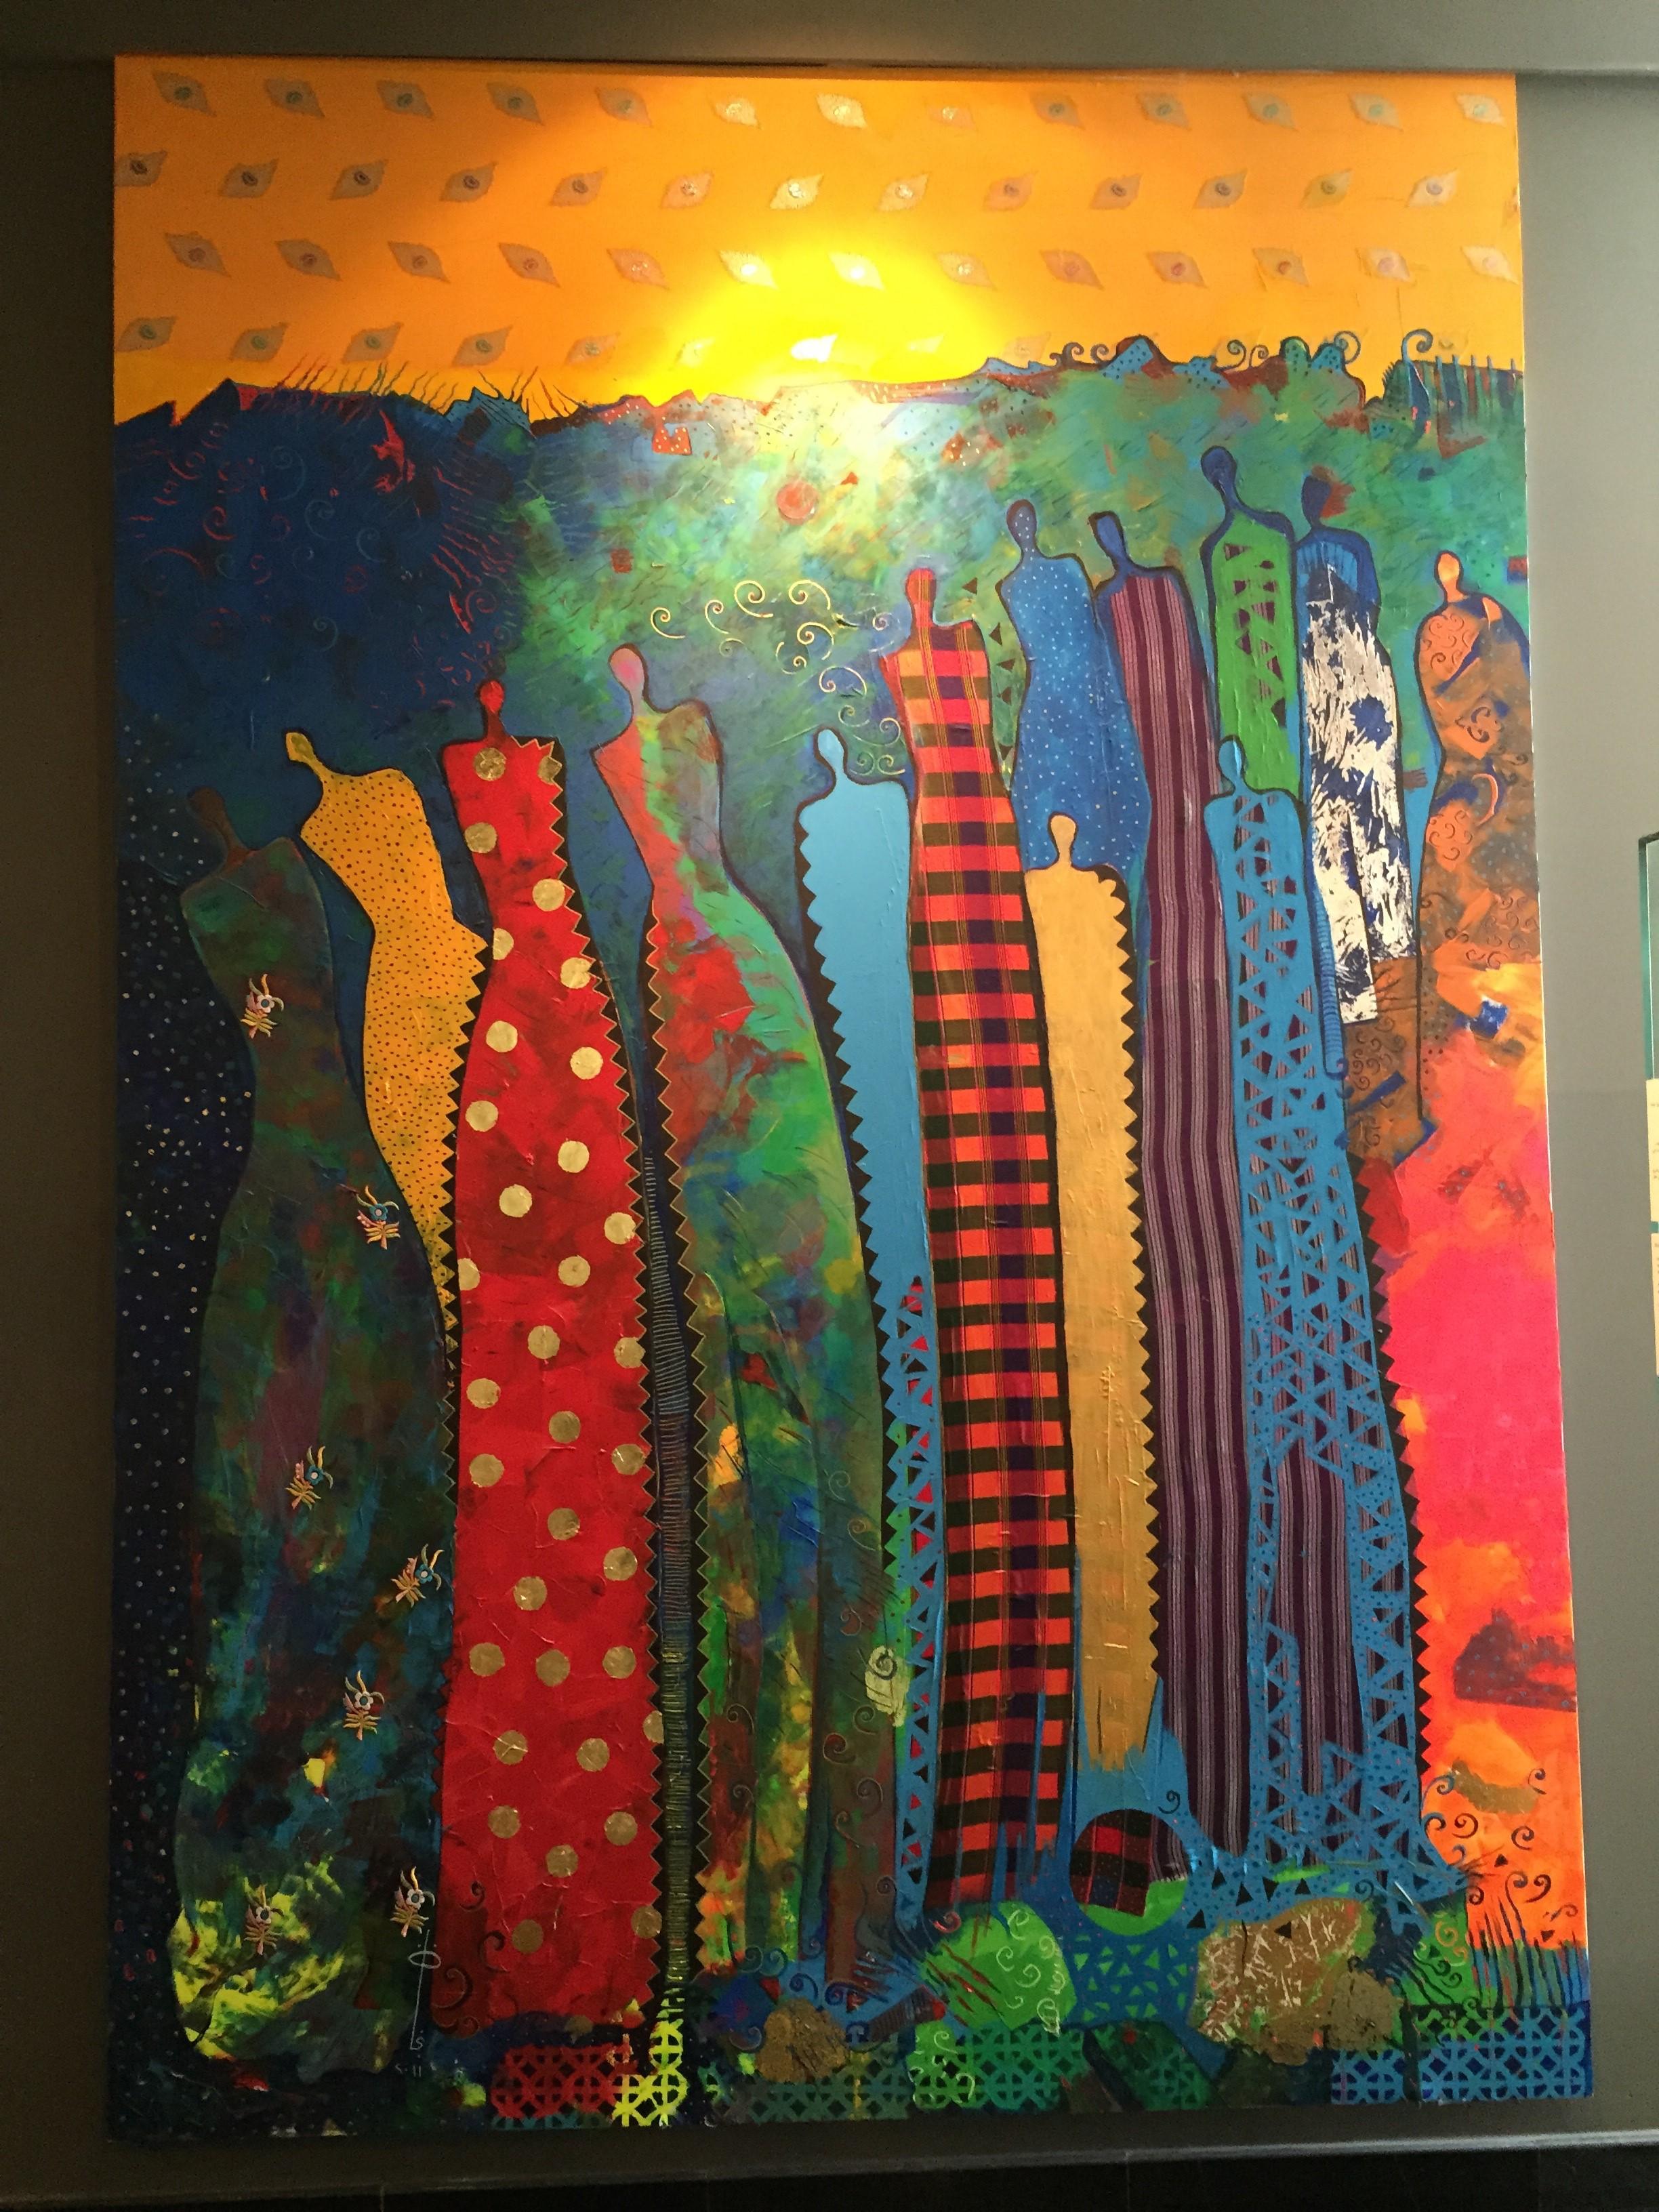 llewellyn middle eastern single women Women's middle eastern old fashioned persian carpet design retro oriental leggings $ 26 28 xinshou women's flower buds hips with oriental middle eastern.